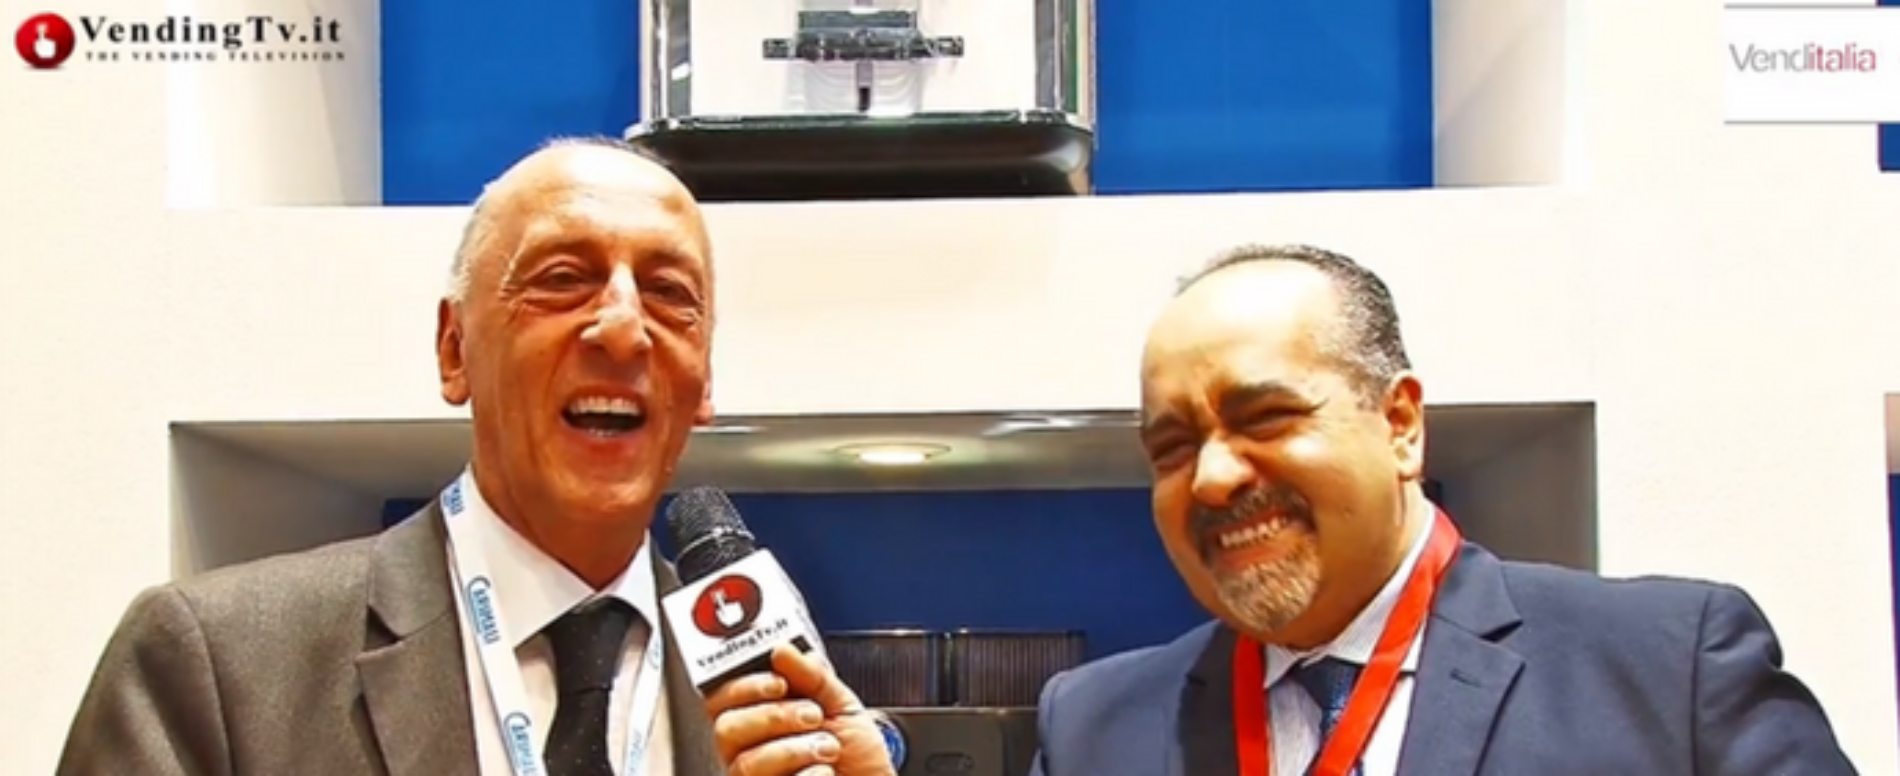 Venditalia 2016. Intervista con Massimo Milesi di Carimali